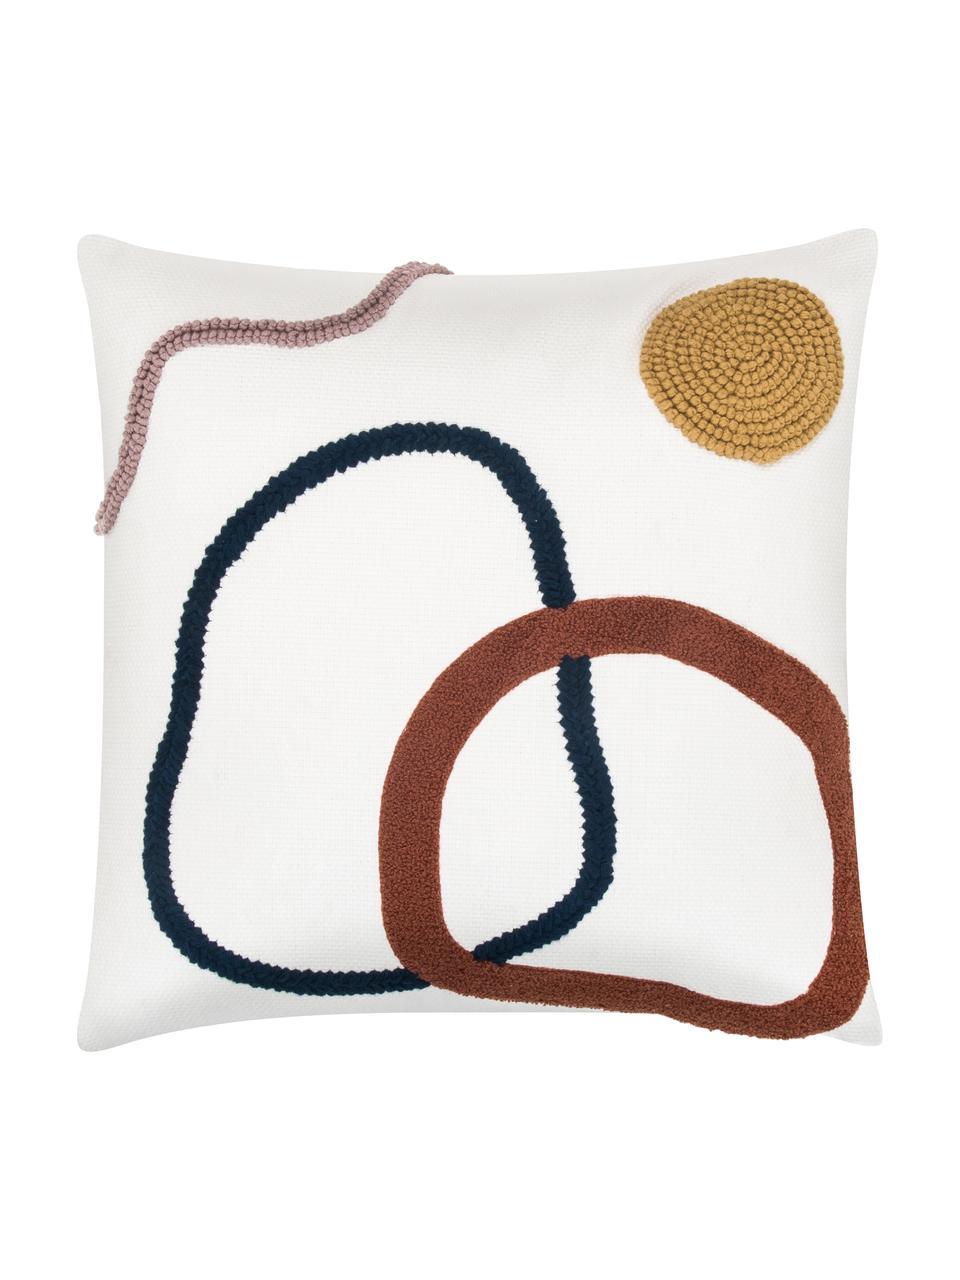 Kussenhoes Pablo met abstracte decoratie, 100% katoen, Voorzijde: multicolour. Achterzijde: wit, 45 x 45 cm